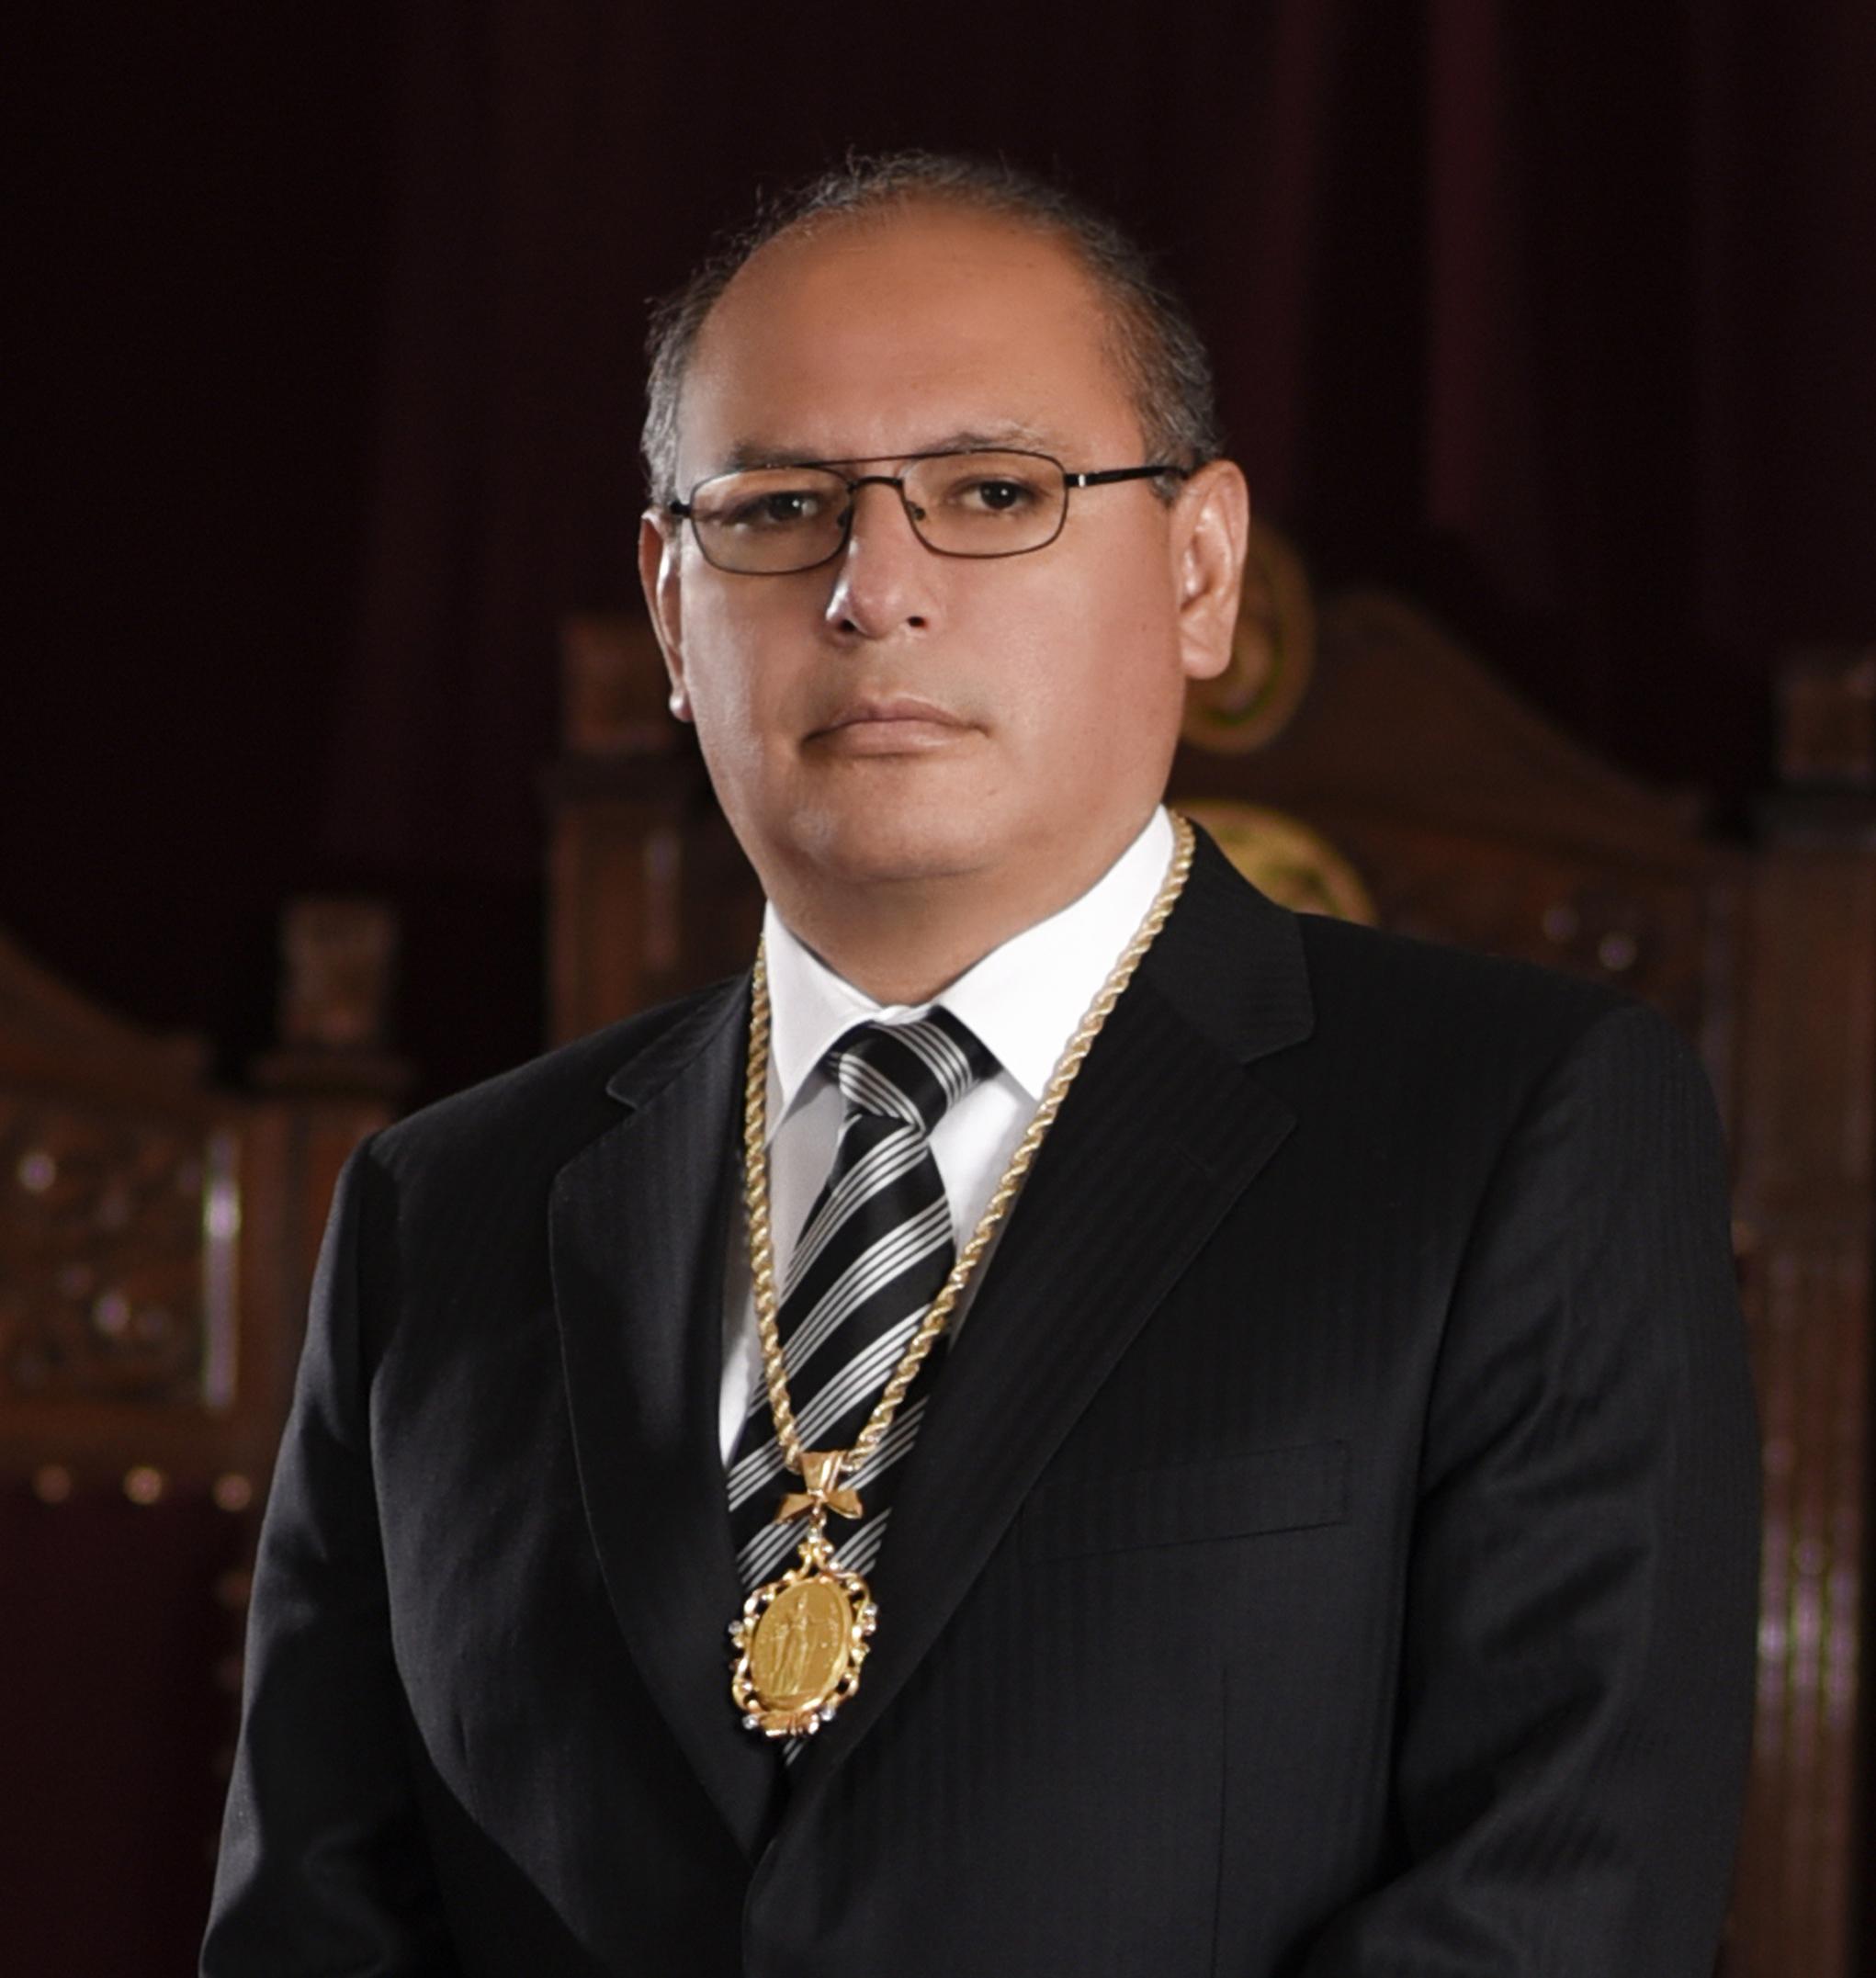 Olvis Egüez Oliva